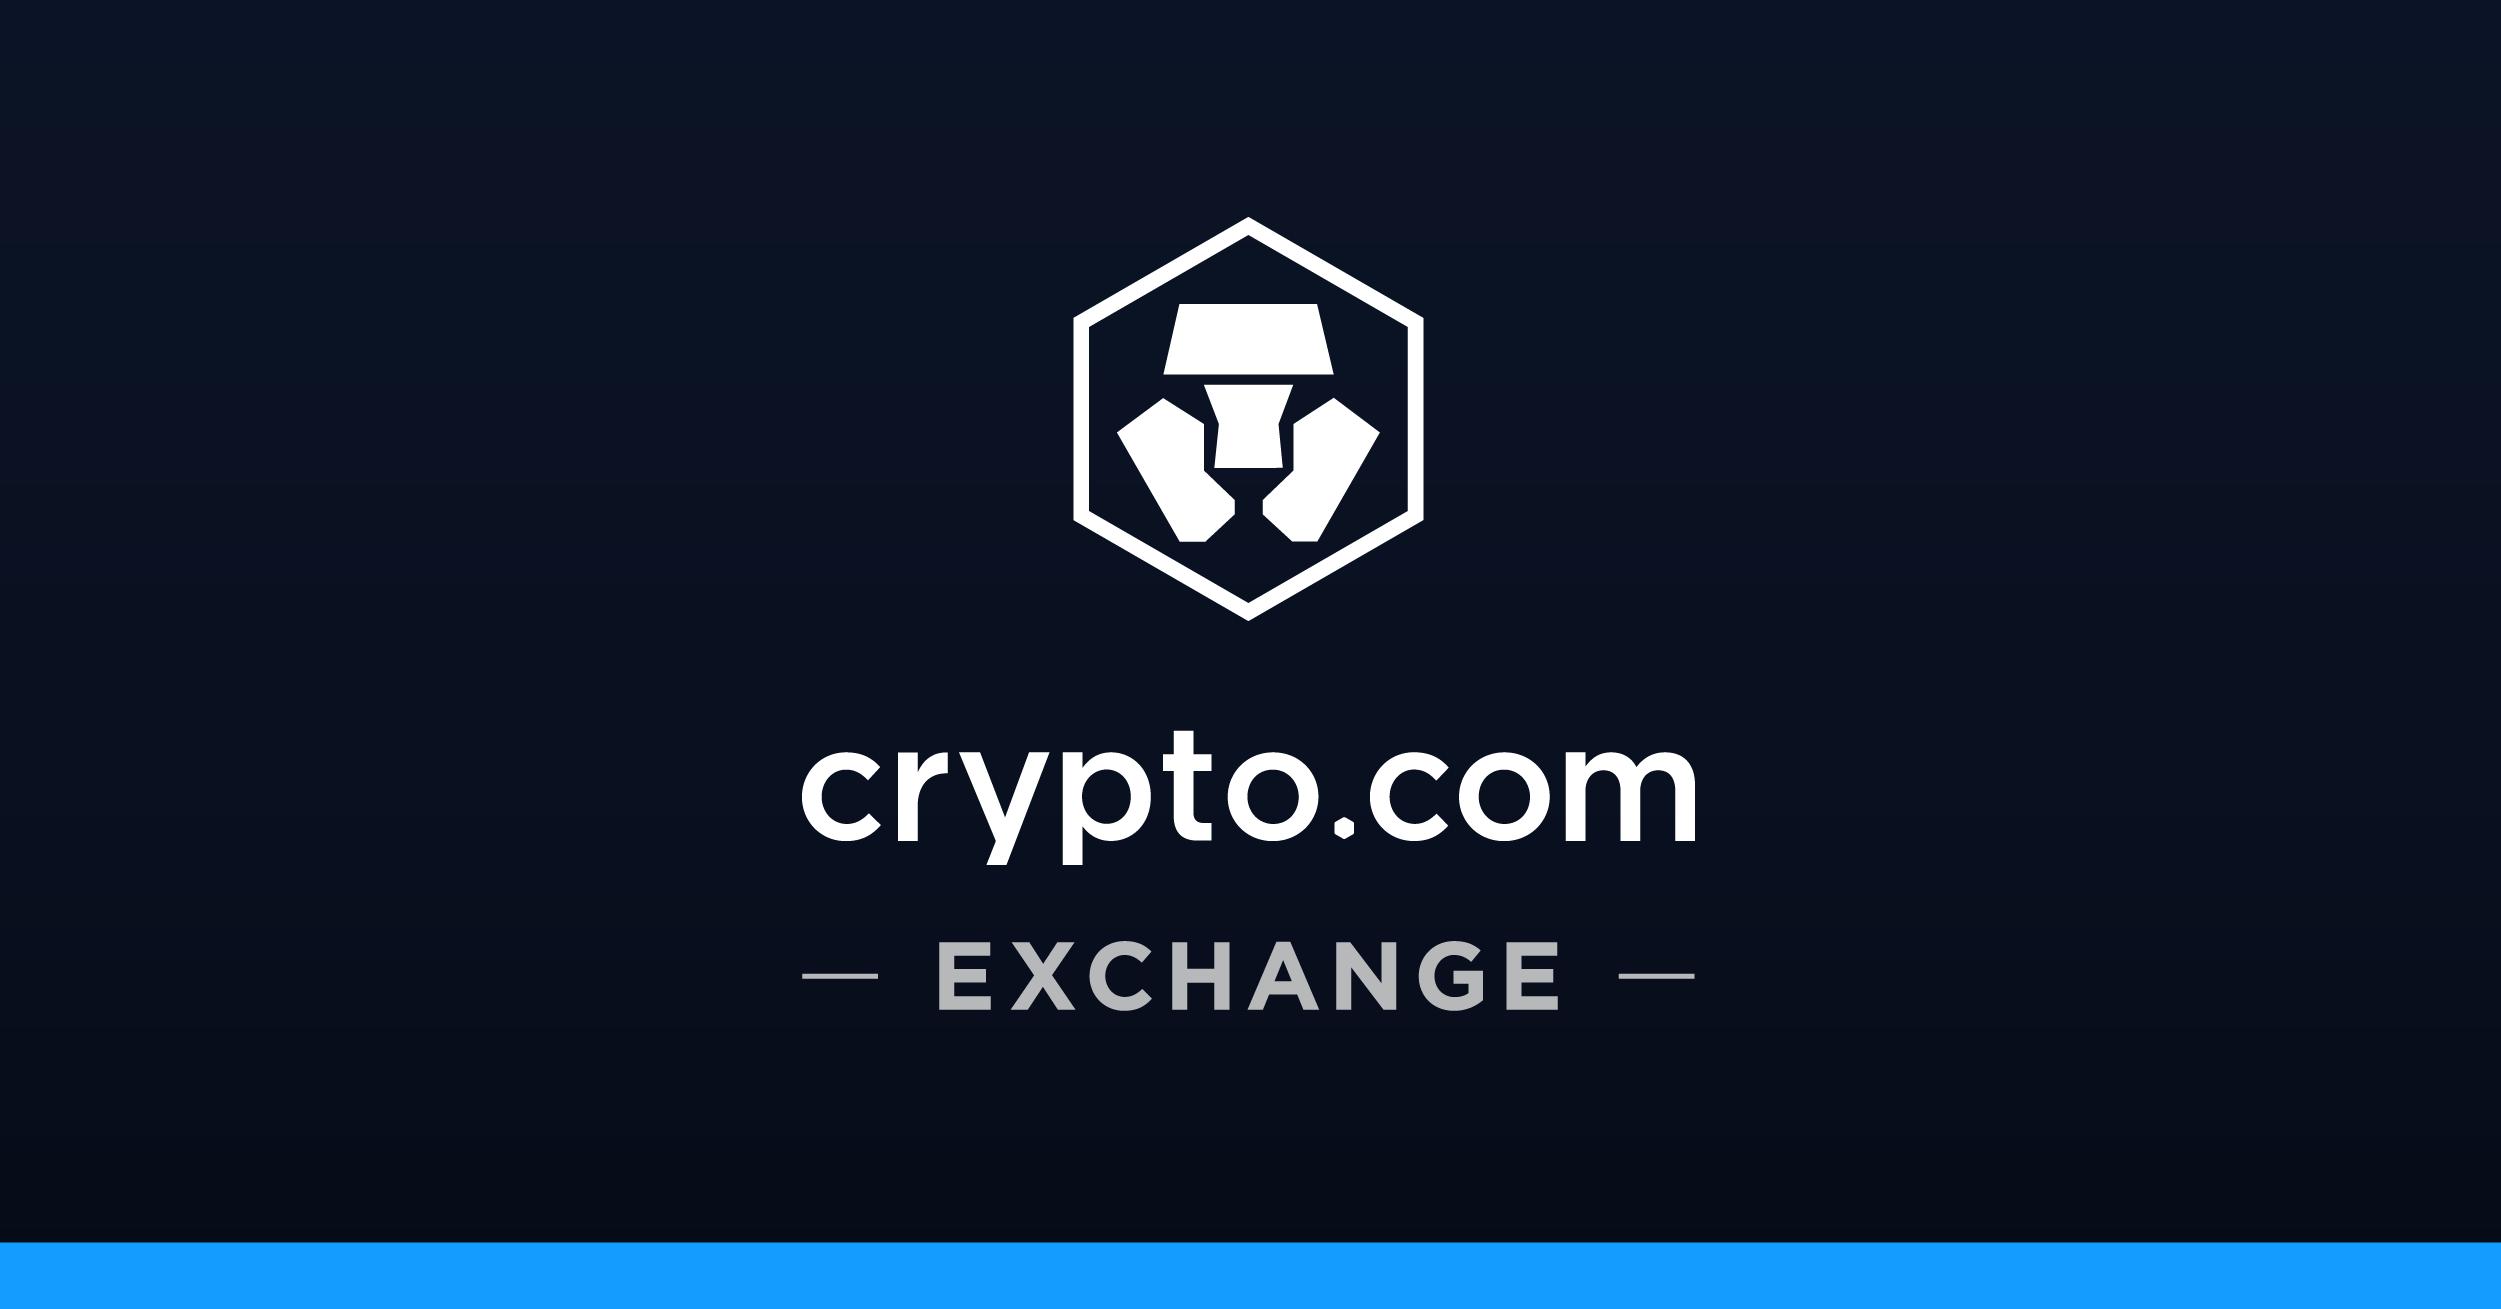 Crypto.com, Exchange Platformu İçin IOS ve Android Uygulamalarını Duyurdu!